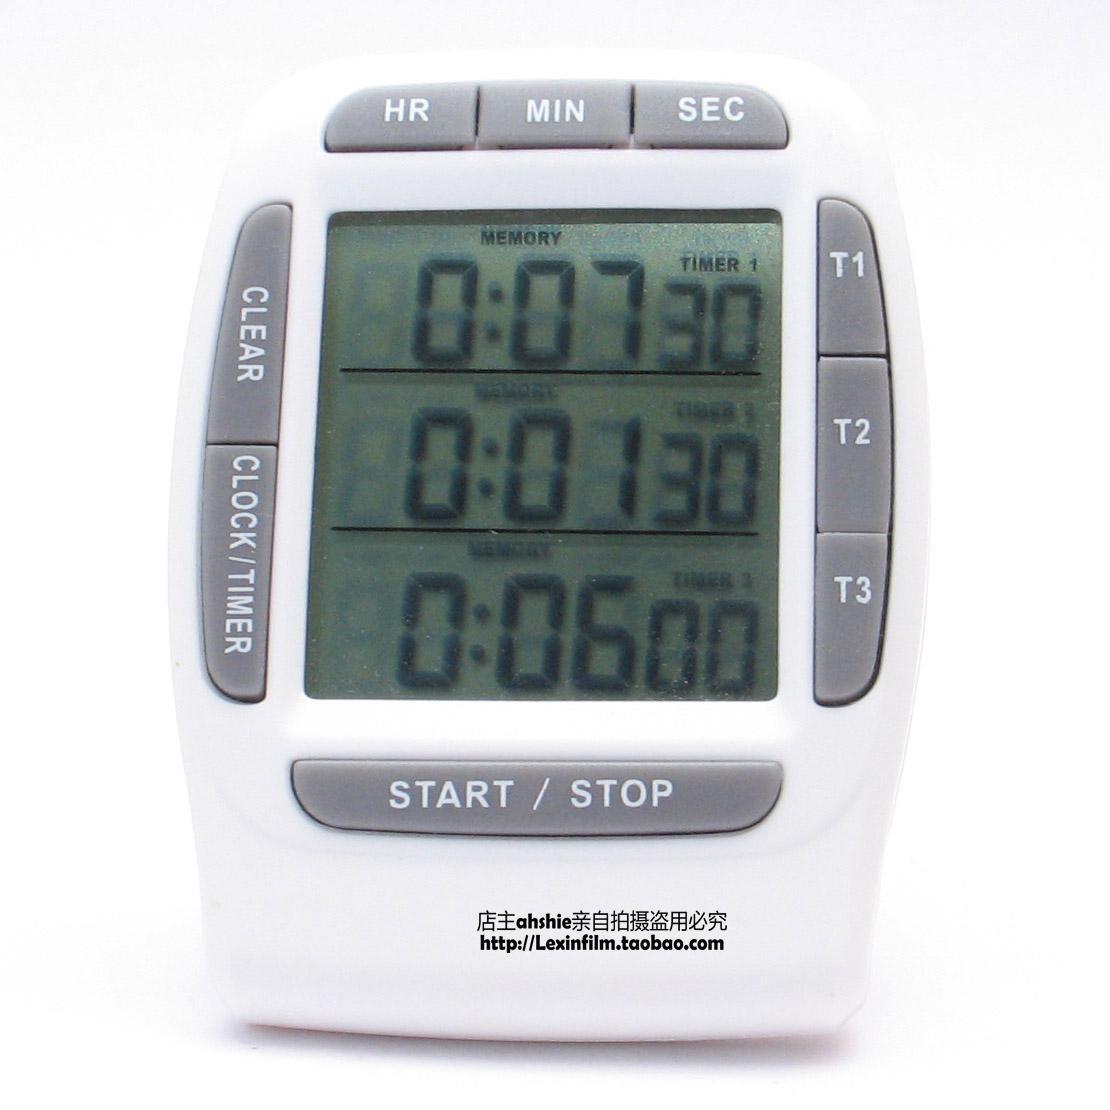 暗房定時器器材|暗房定時器設備|暗房定時器成分|入門- 淘寶海外